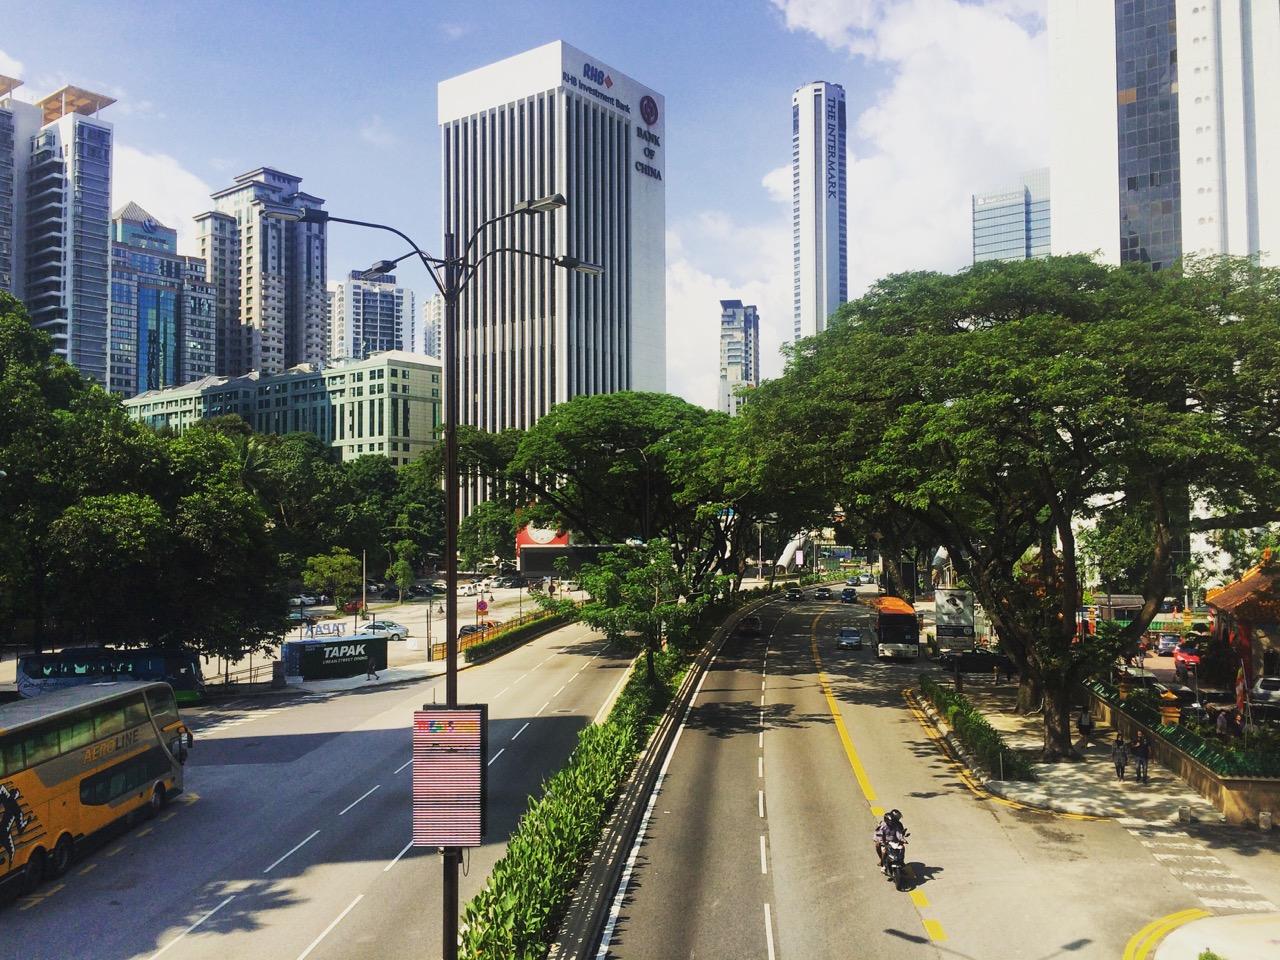 Путешествие по Малайзии, Куала-Лумпур: Золотой треугольник — деловой центр Куала-Лумпура